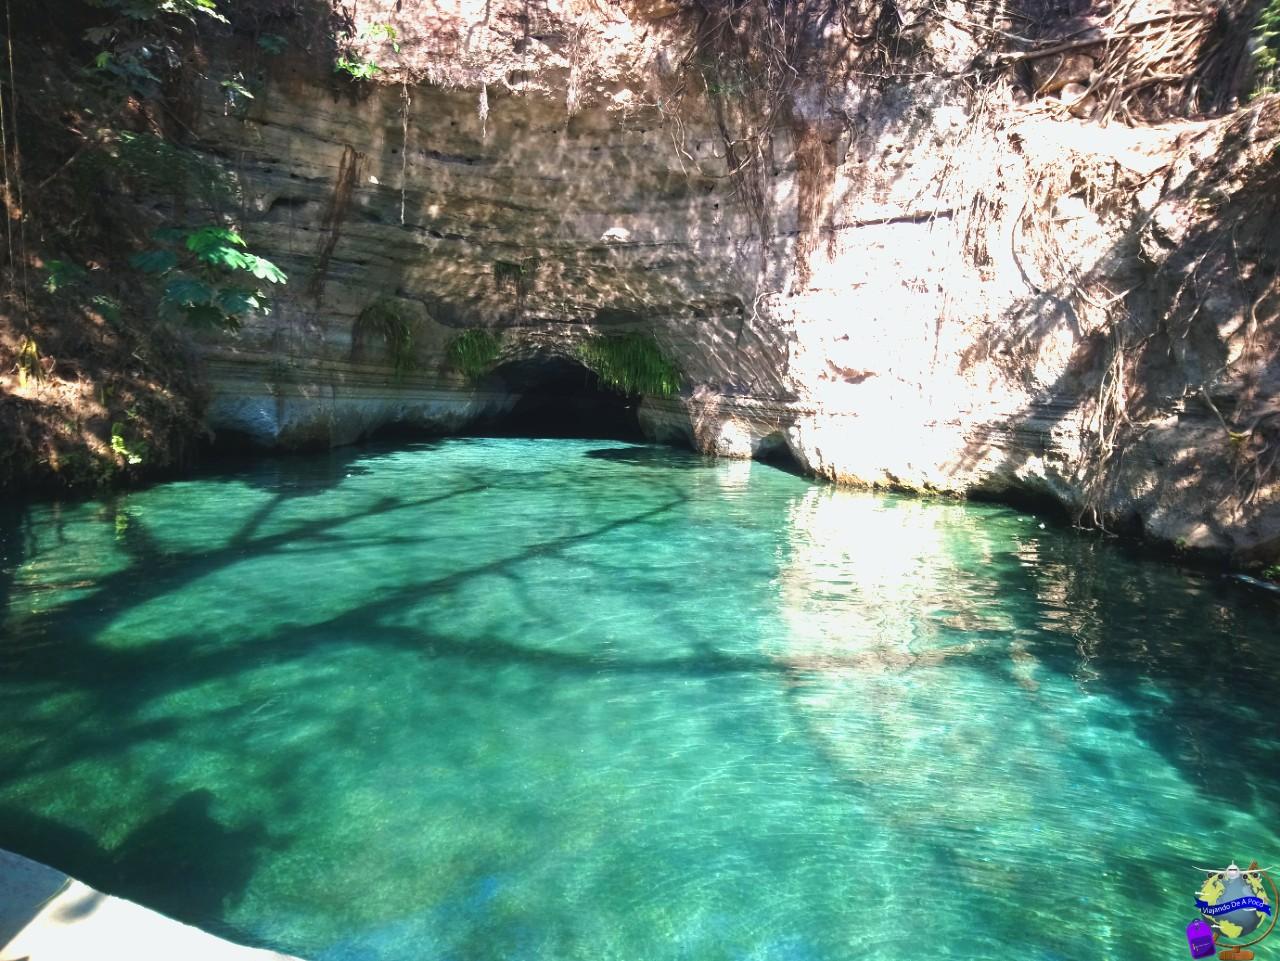 Cuevas de Moncagua en El Salvador